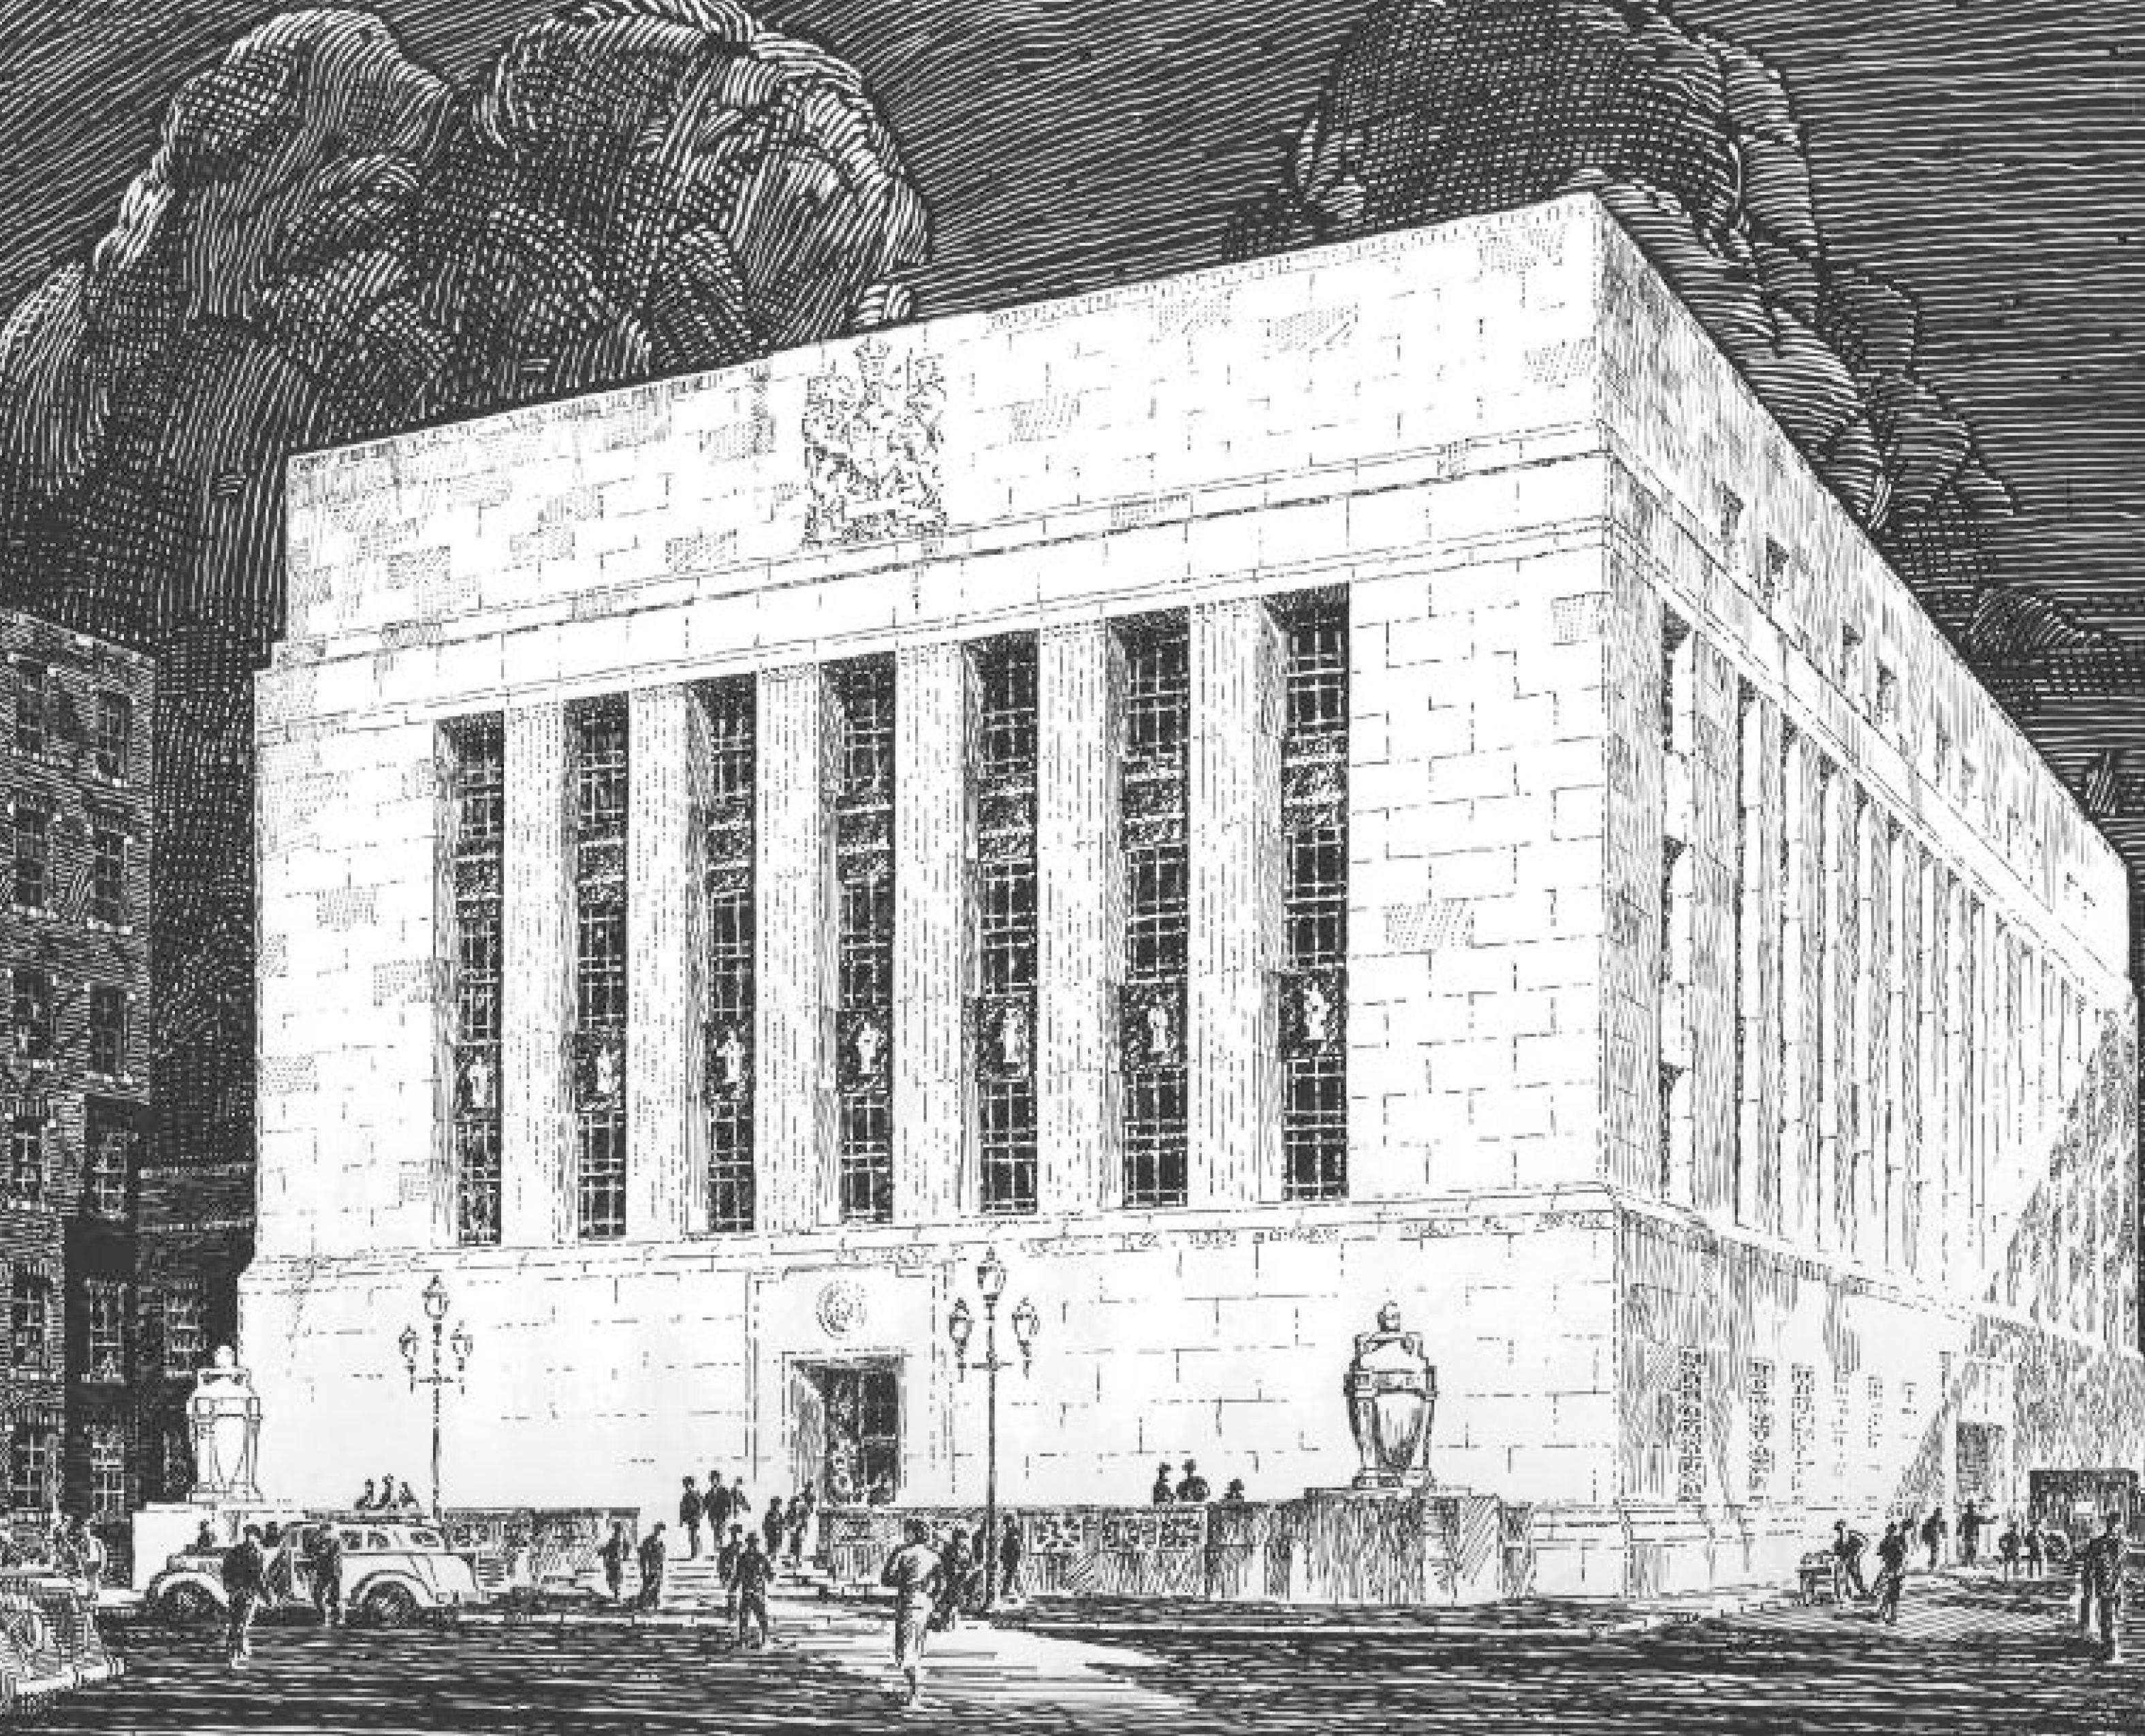 Proposition architecturale de Marani, Lawson et Morris et de S. G. Davenport, architectes associés, 1937